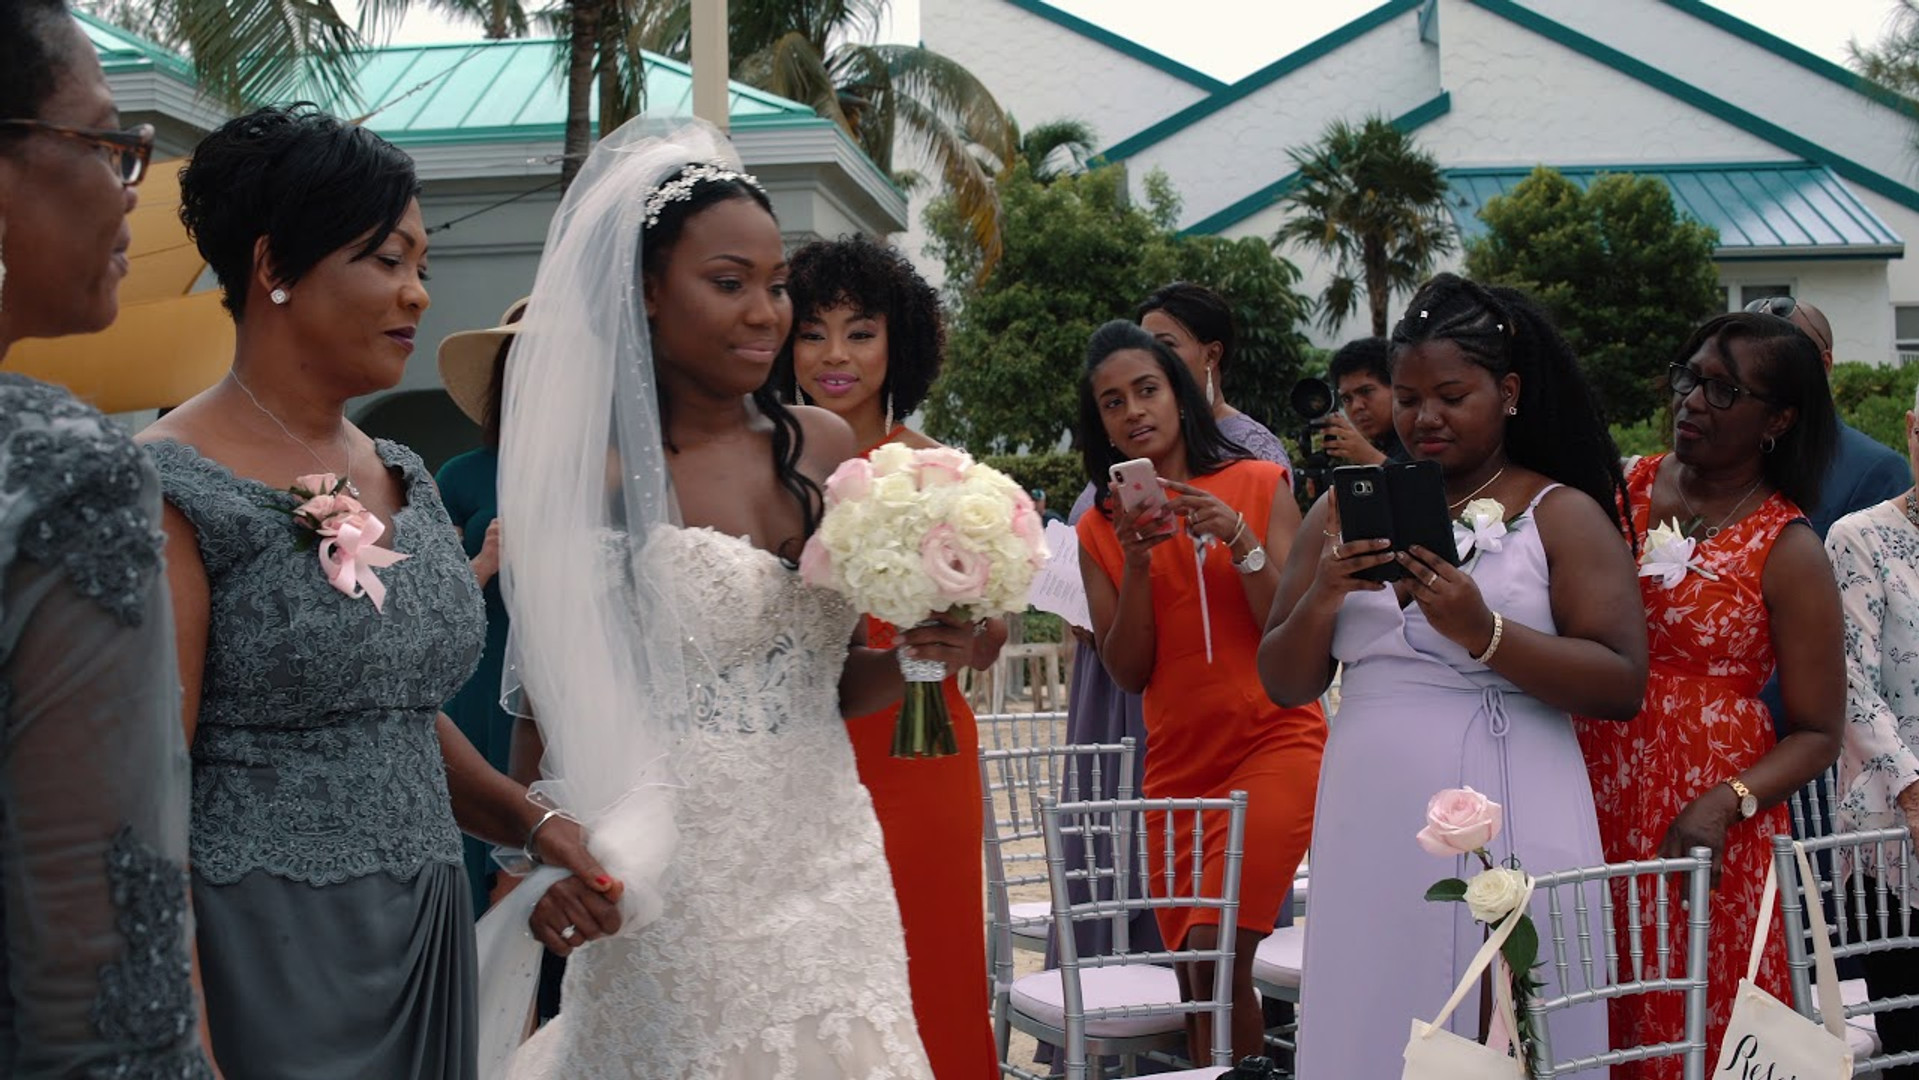 The Wedding of Donya & Joel